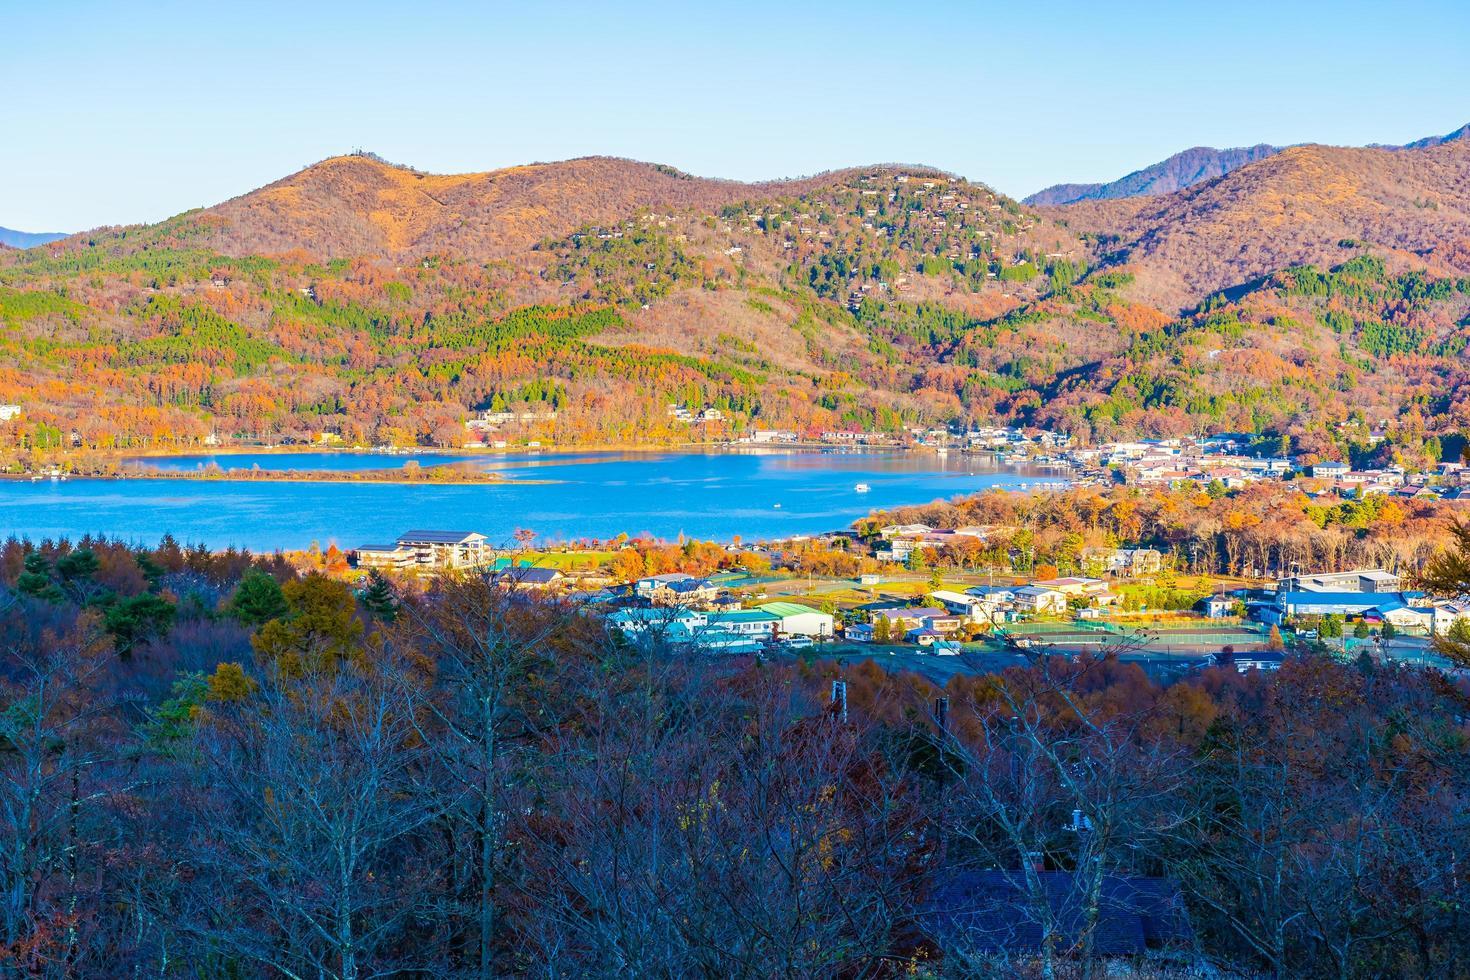 schöne Landschaft um See Yamanakako, Japan foto